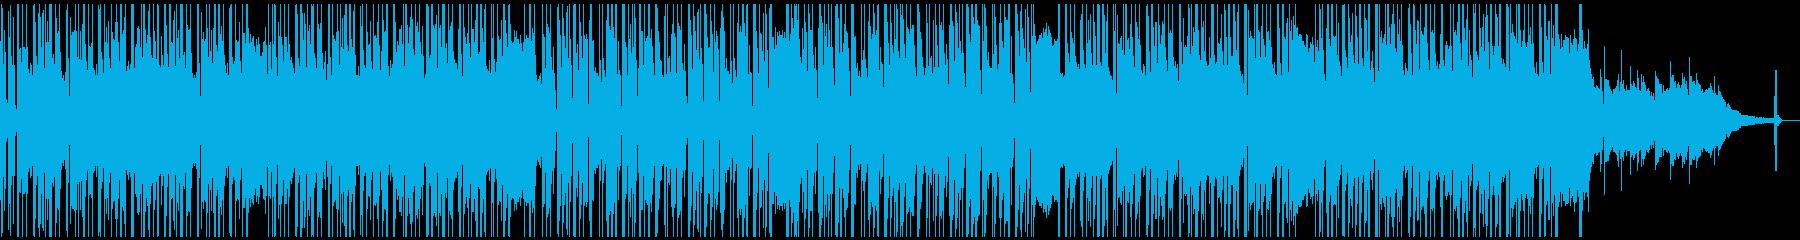 夜の雰囲気のお洒落なモダンジャズHRの再生済みの波形